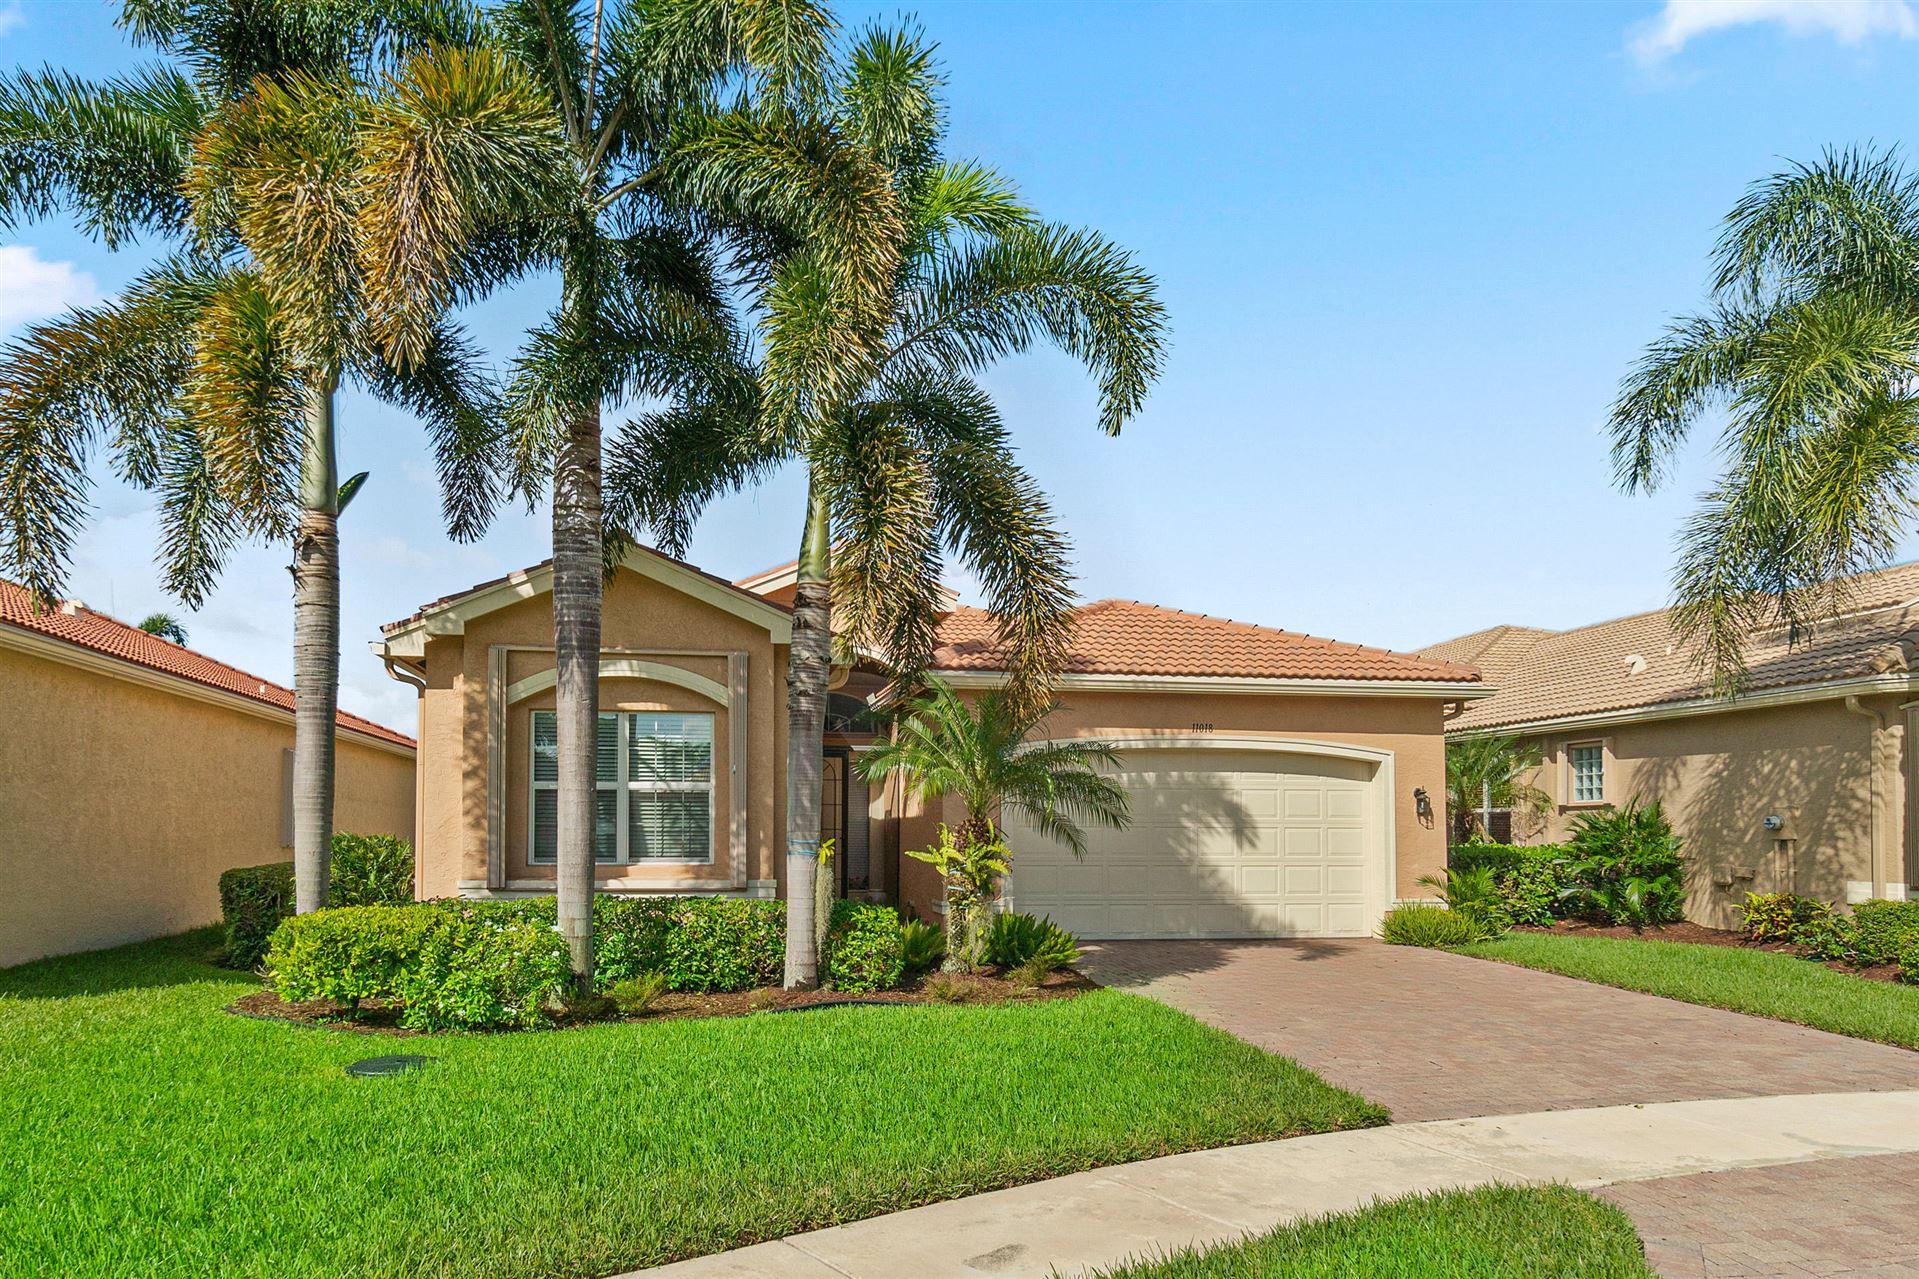 Photo of 11018 Carmelcove Circle, Boynton Beach, FL 33473 (MLS # RX-10666925)